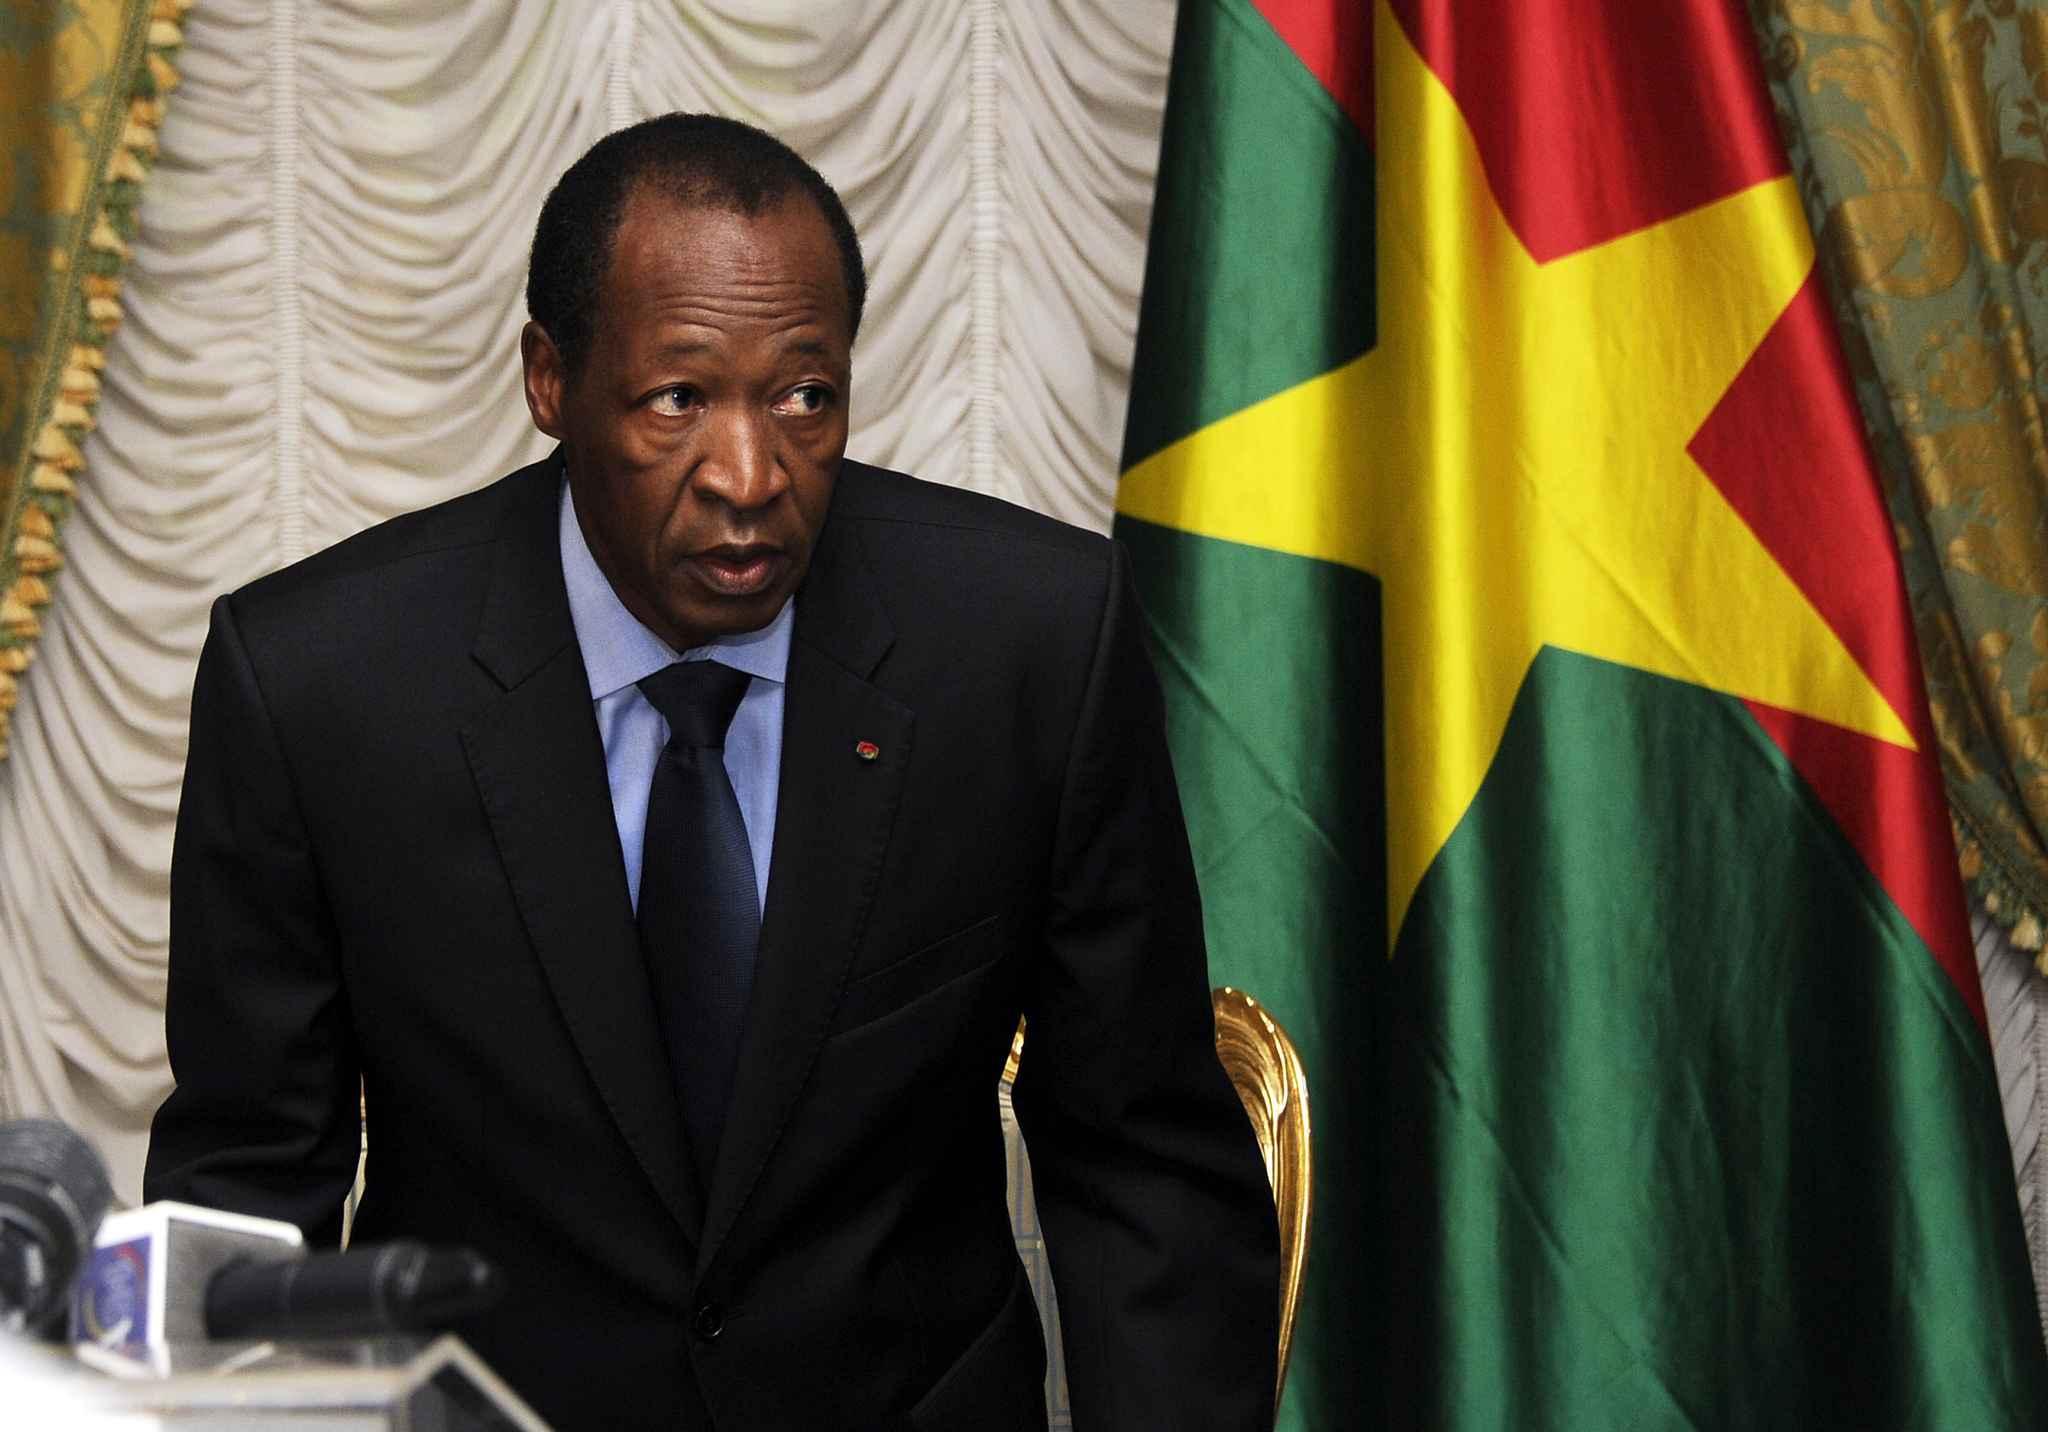 La tentation du pouvoir à vie en Afrique